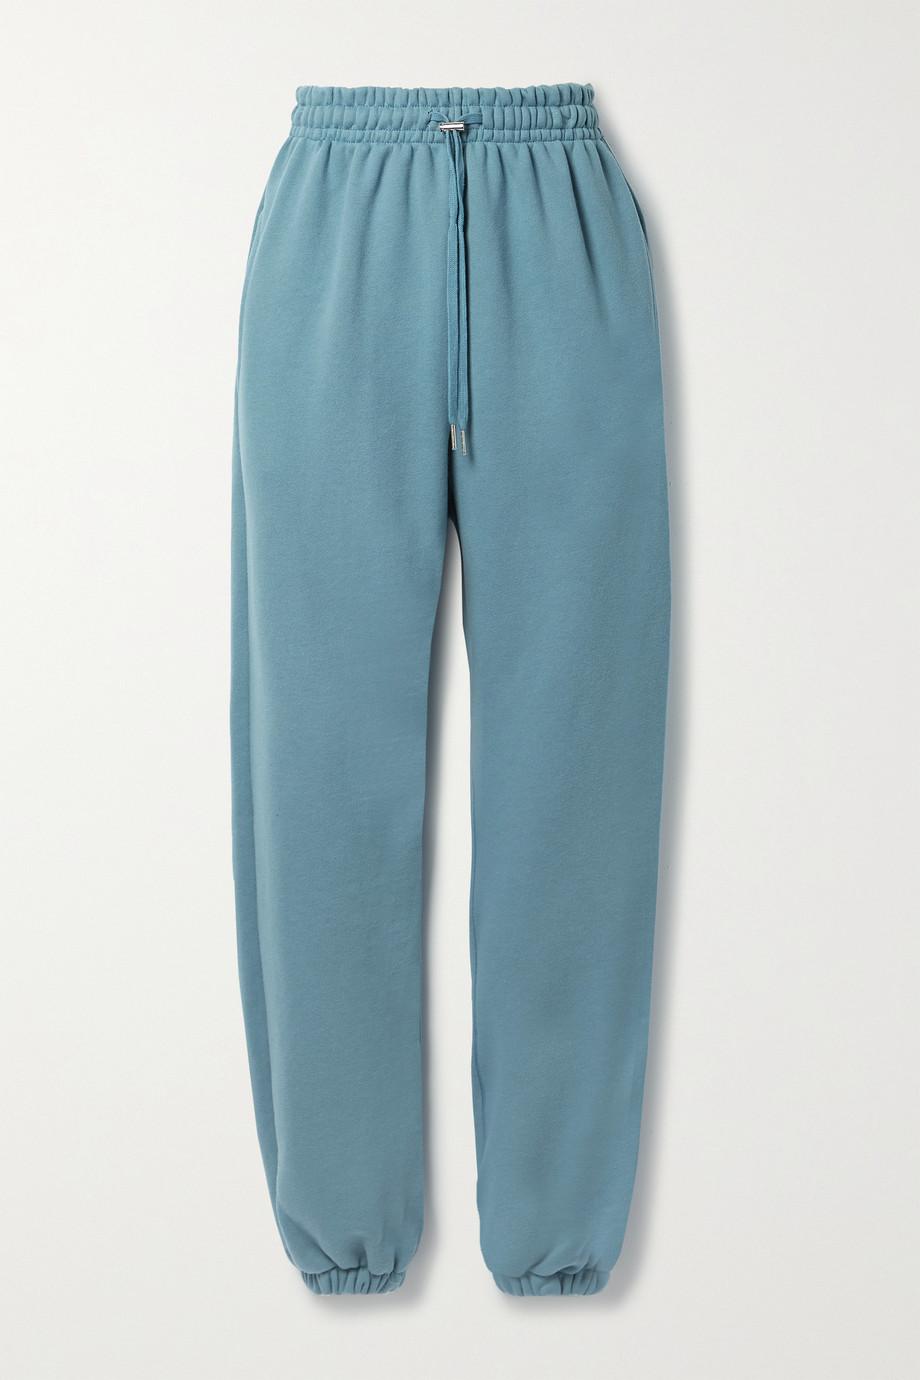 Frankie Shop Pantalon de survêtement en jersey de coton biologique Vanessa